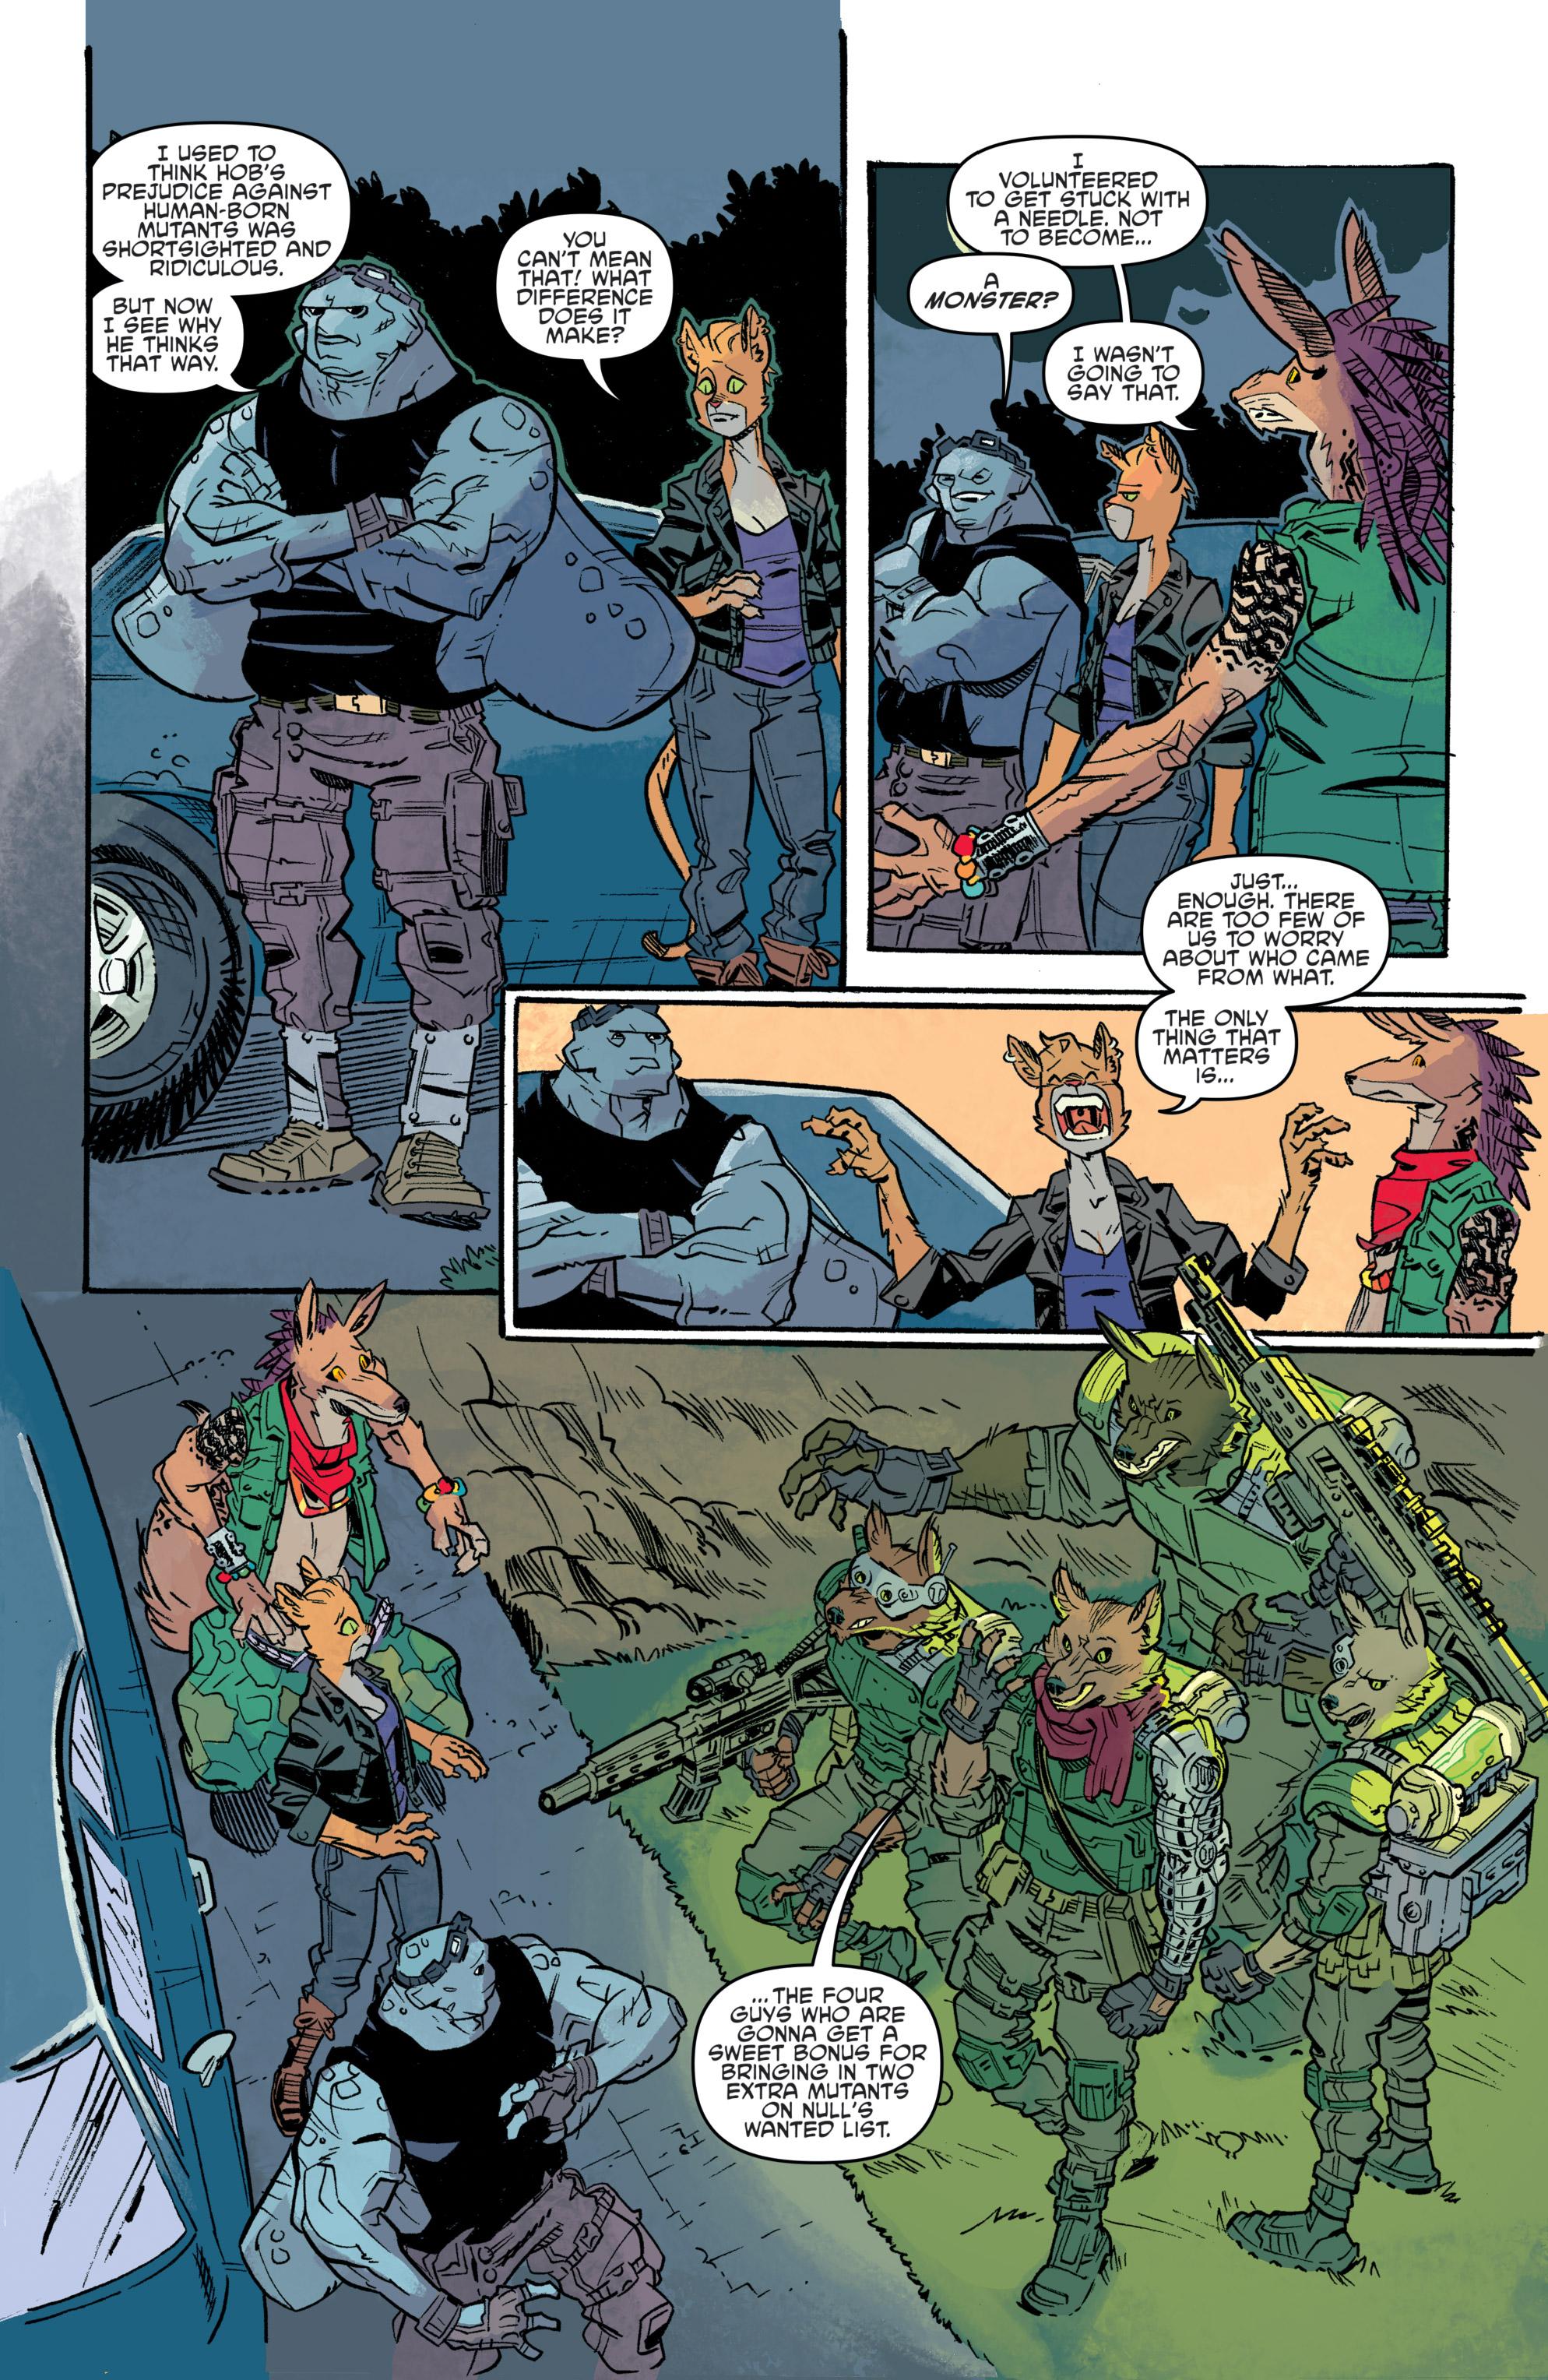 Read online Teenage Mutant Ninja Turtles Universe comic -  Issue #11 - 11